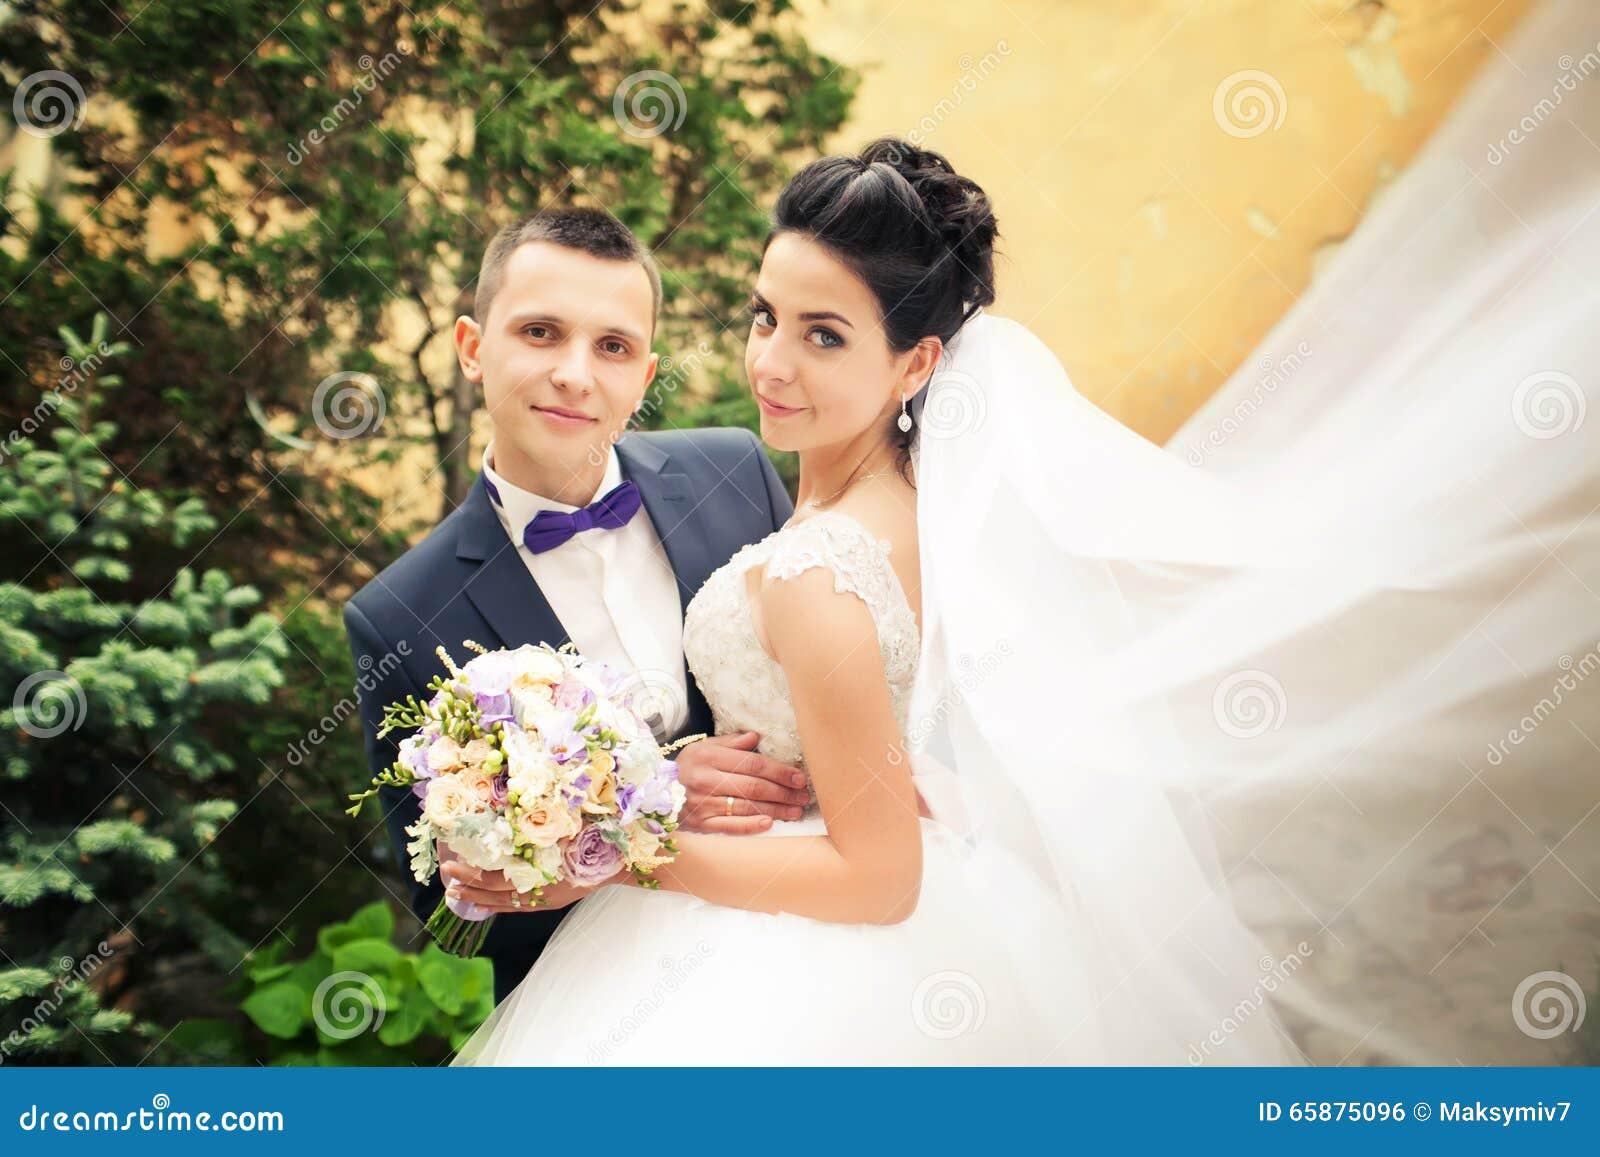 Recentemente baciare della coppia sposata Vento che solleva velo nuziale bianco lungo